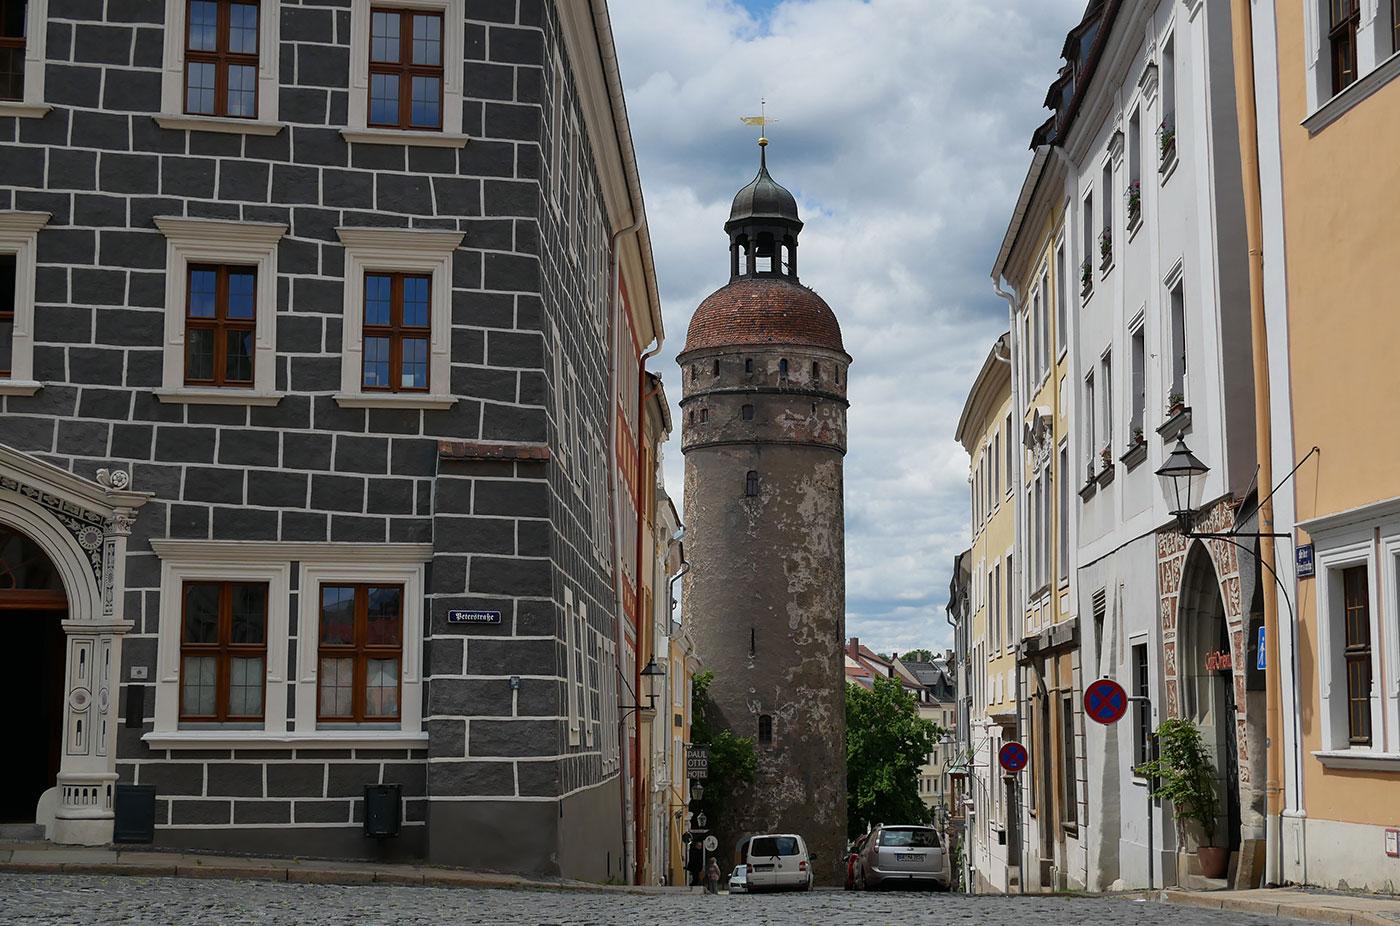 Nikolaiturm in Görlitz